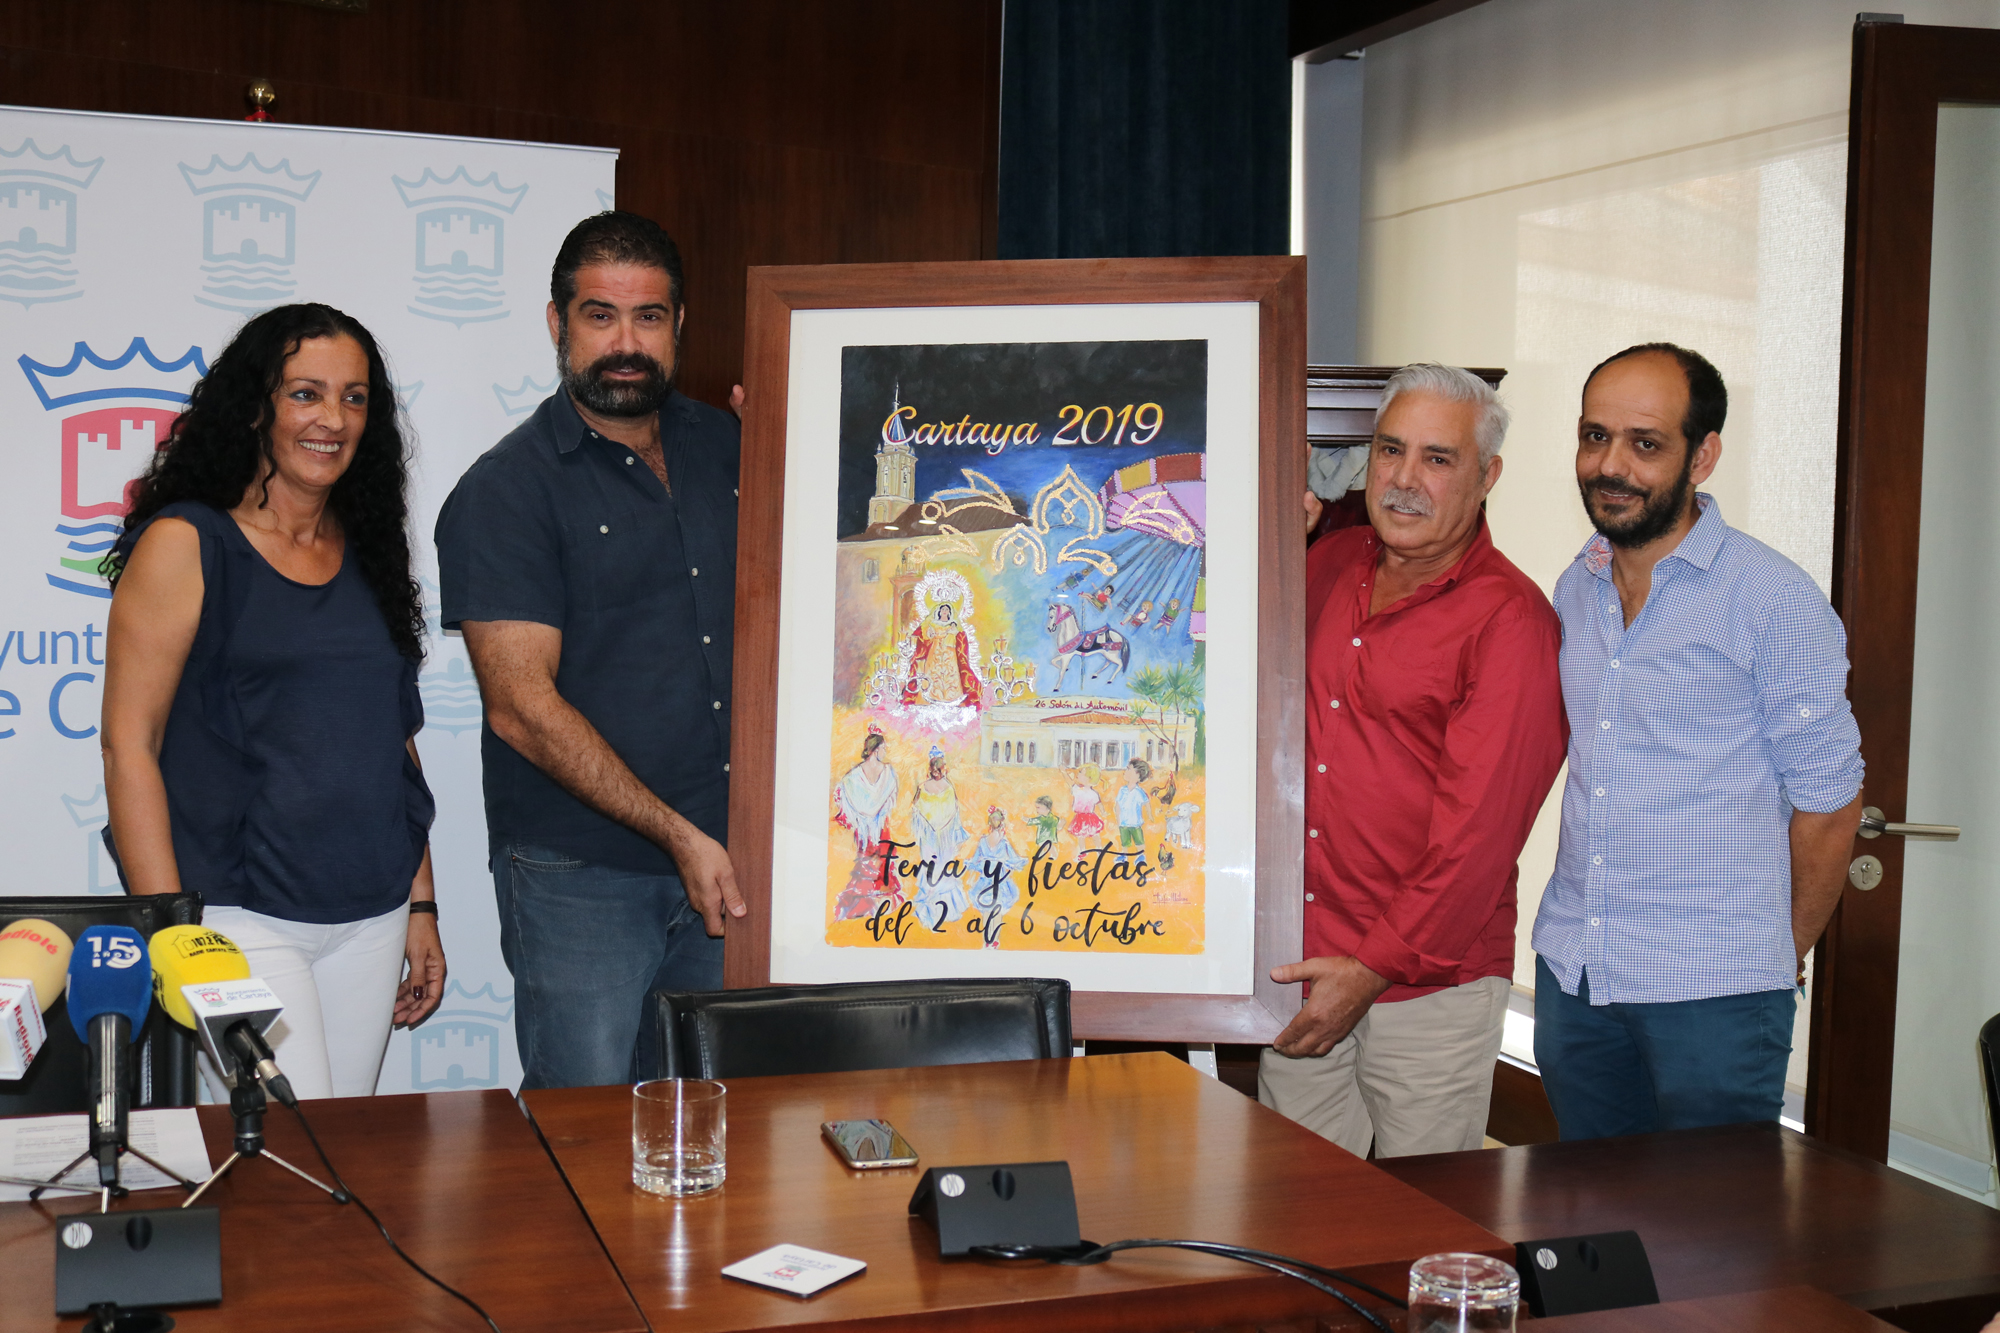 Presentación del cartel de la Feria de Octubre y las Fiestas Patronales en honor a Ntra. Sra. la Virgen del Rosario de Cartaya.